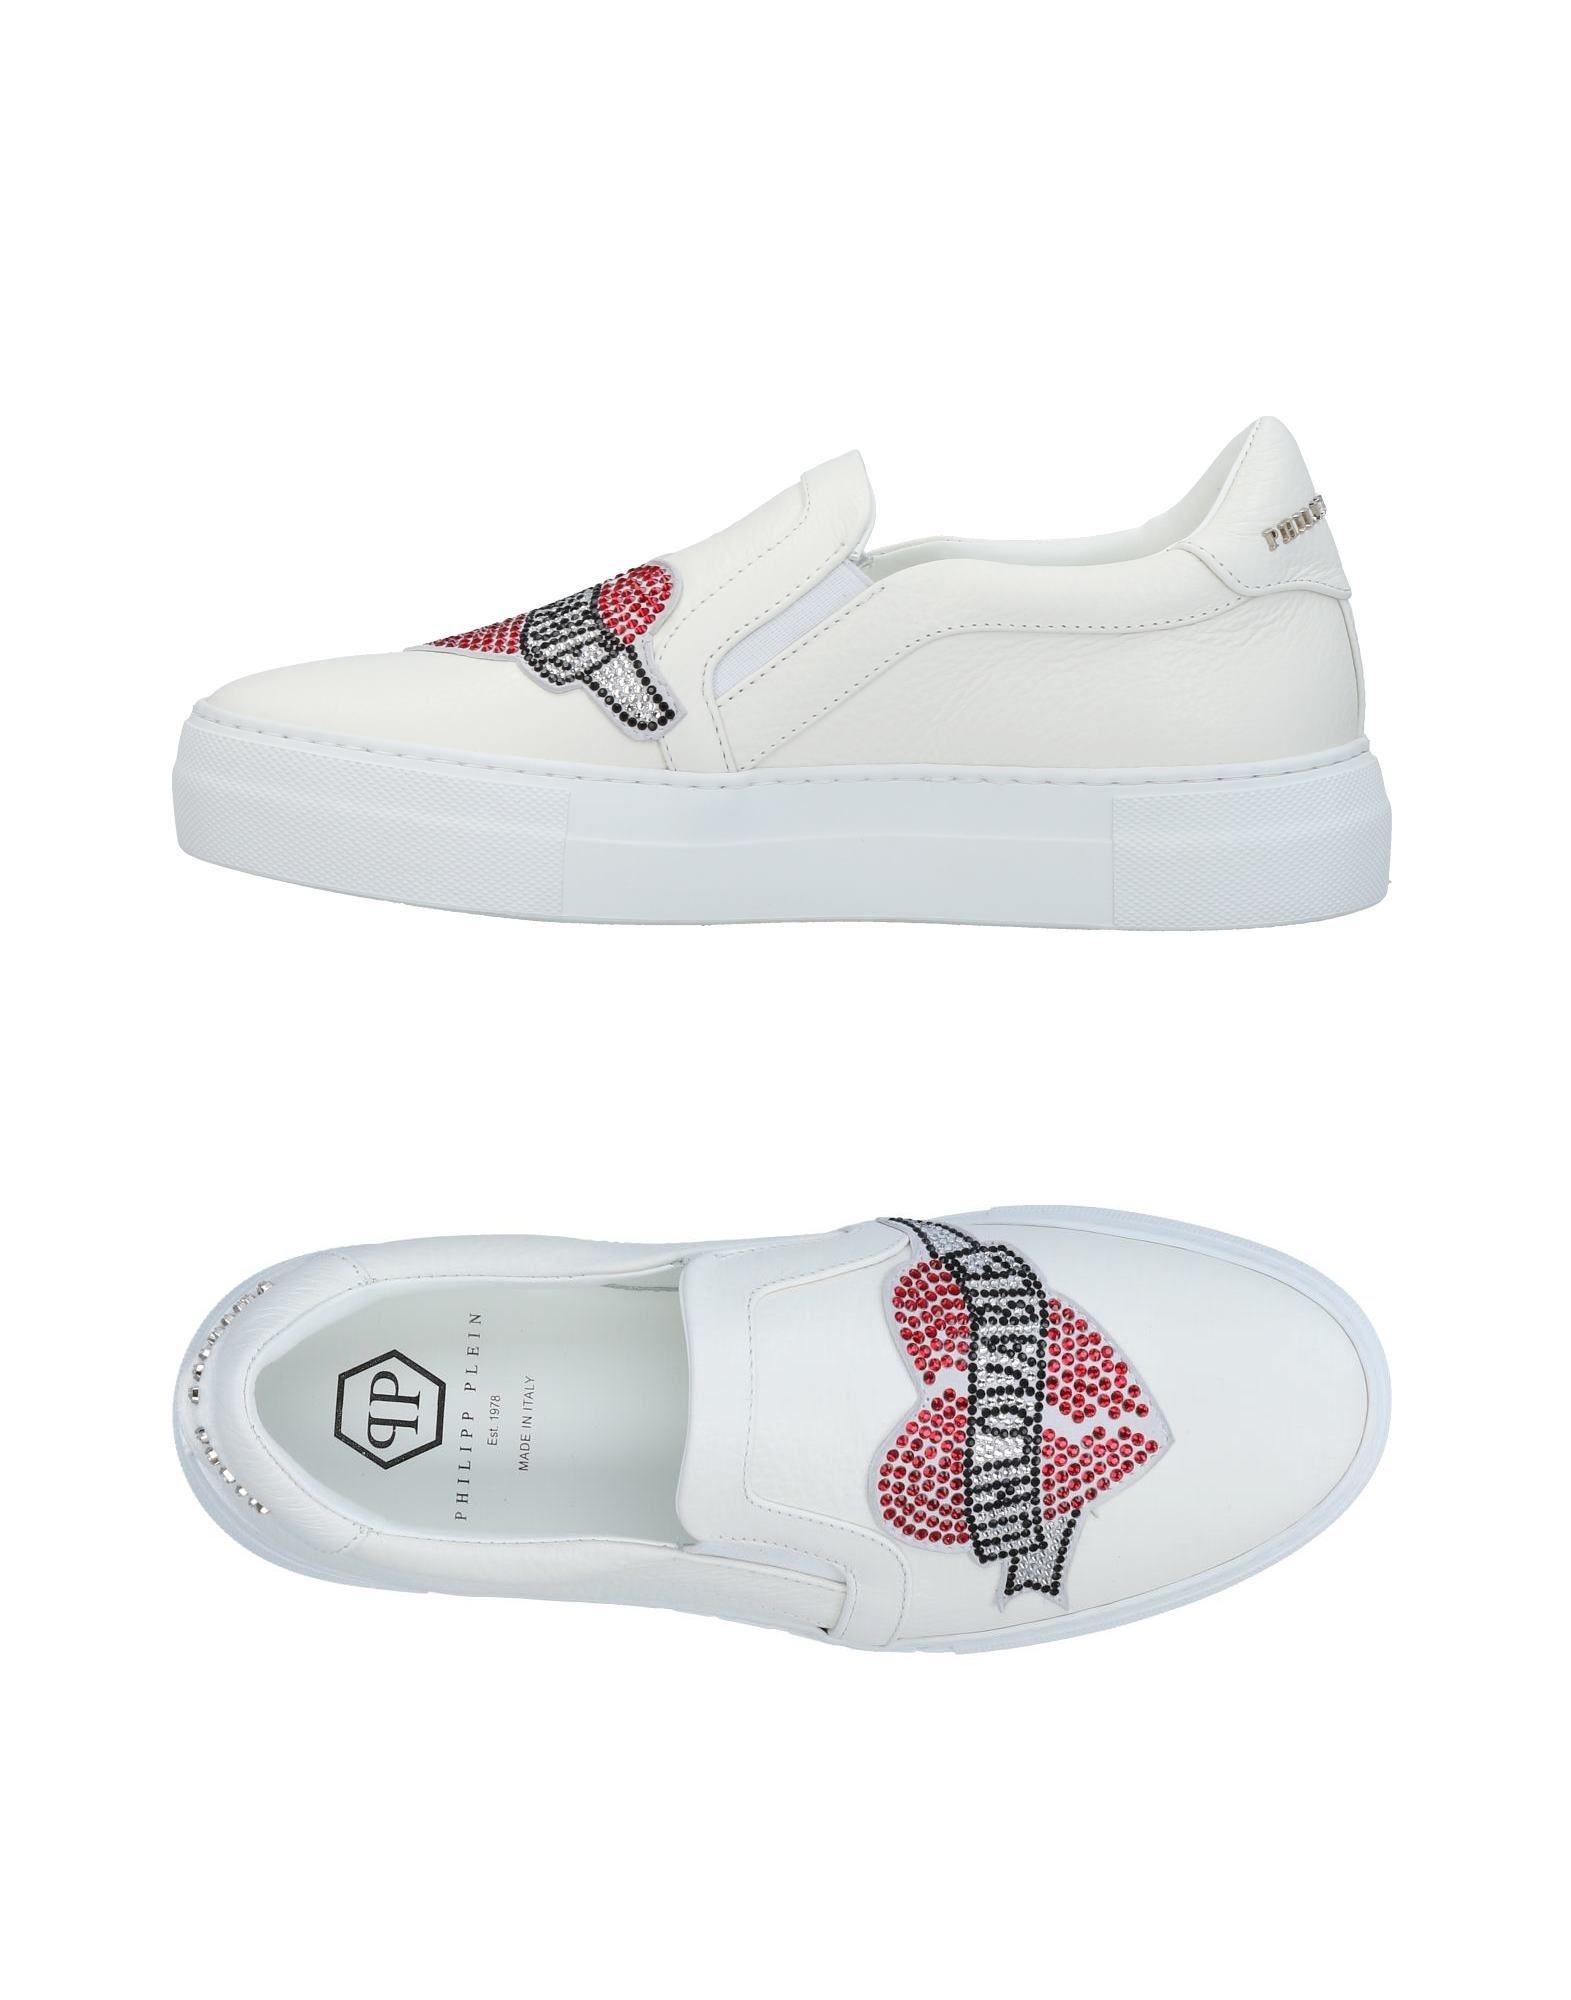 Philipp Plein Plein Plein Sneakers - Women Philipp Plein Sneakers online on  Canada - 11463444XI 8842c9